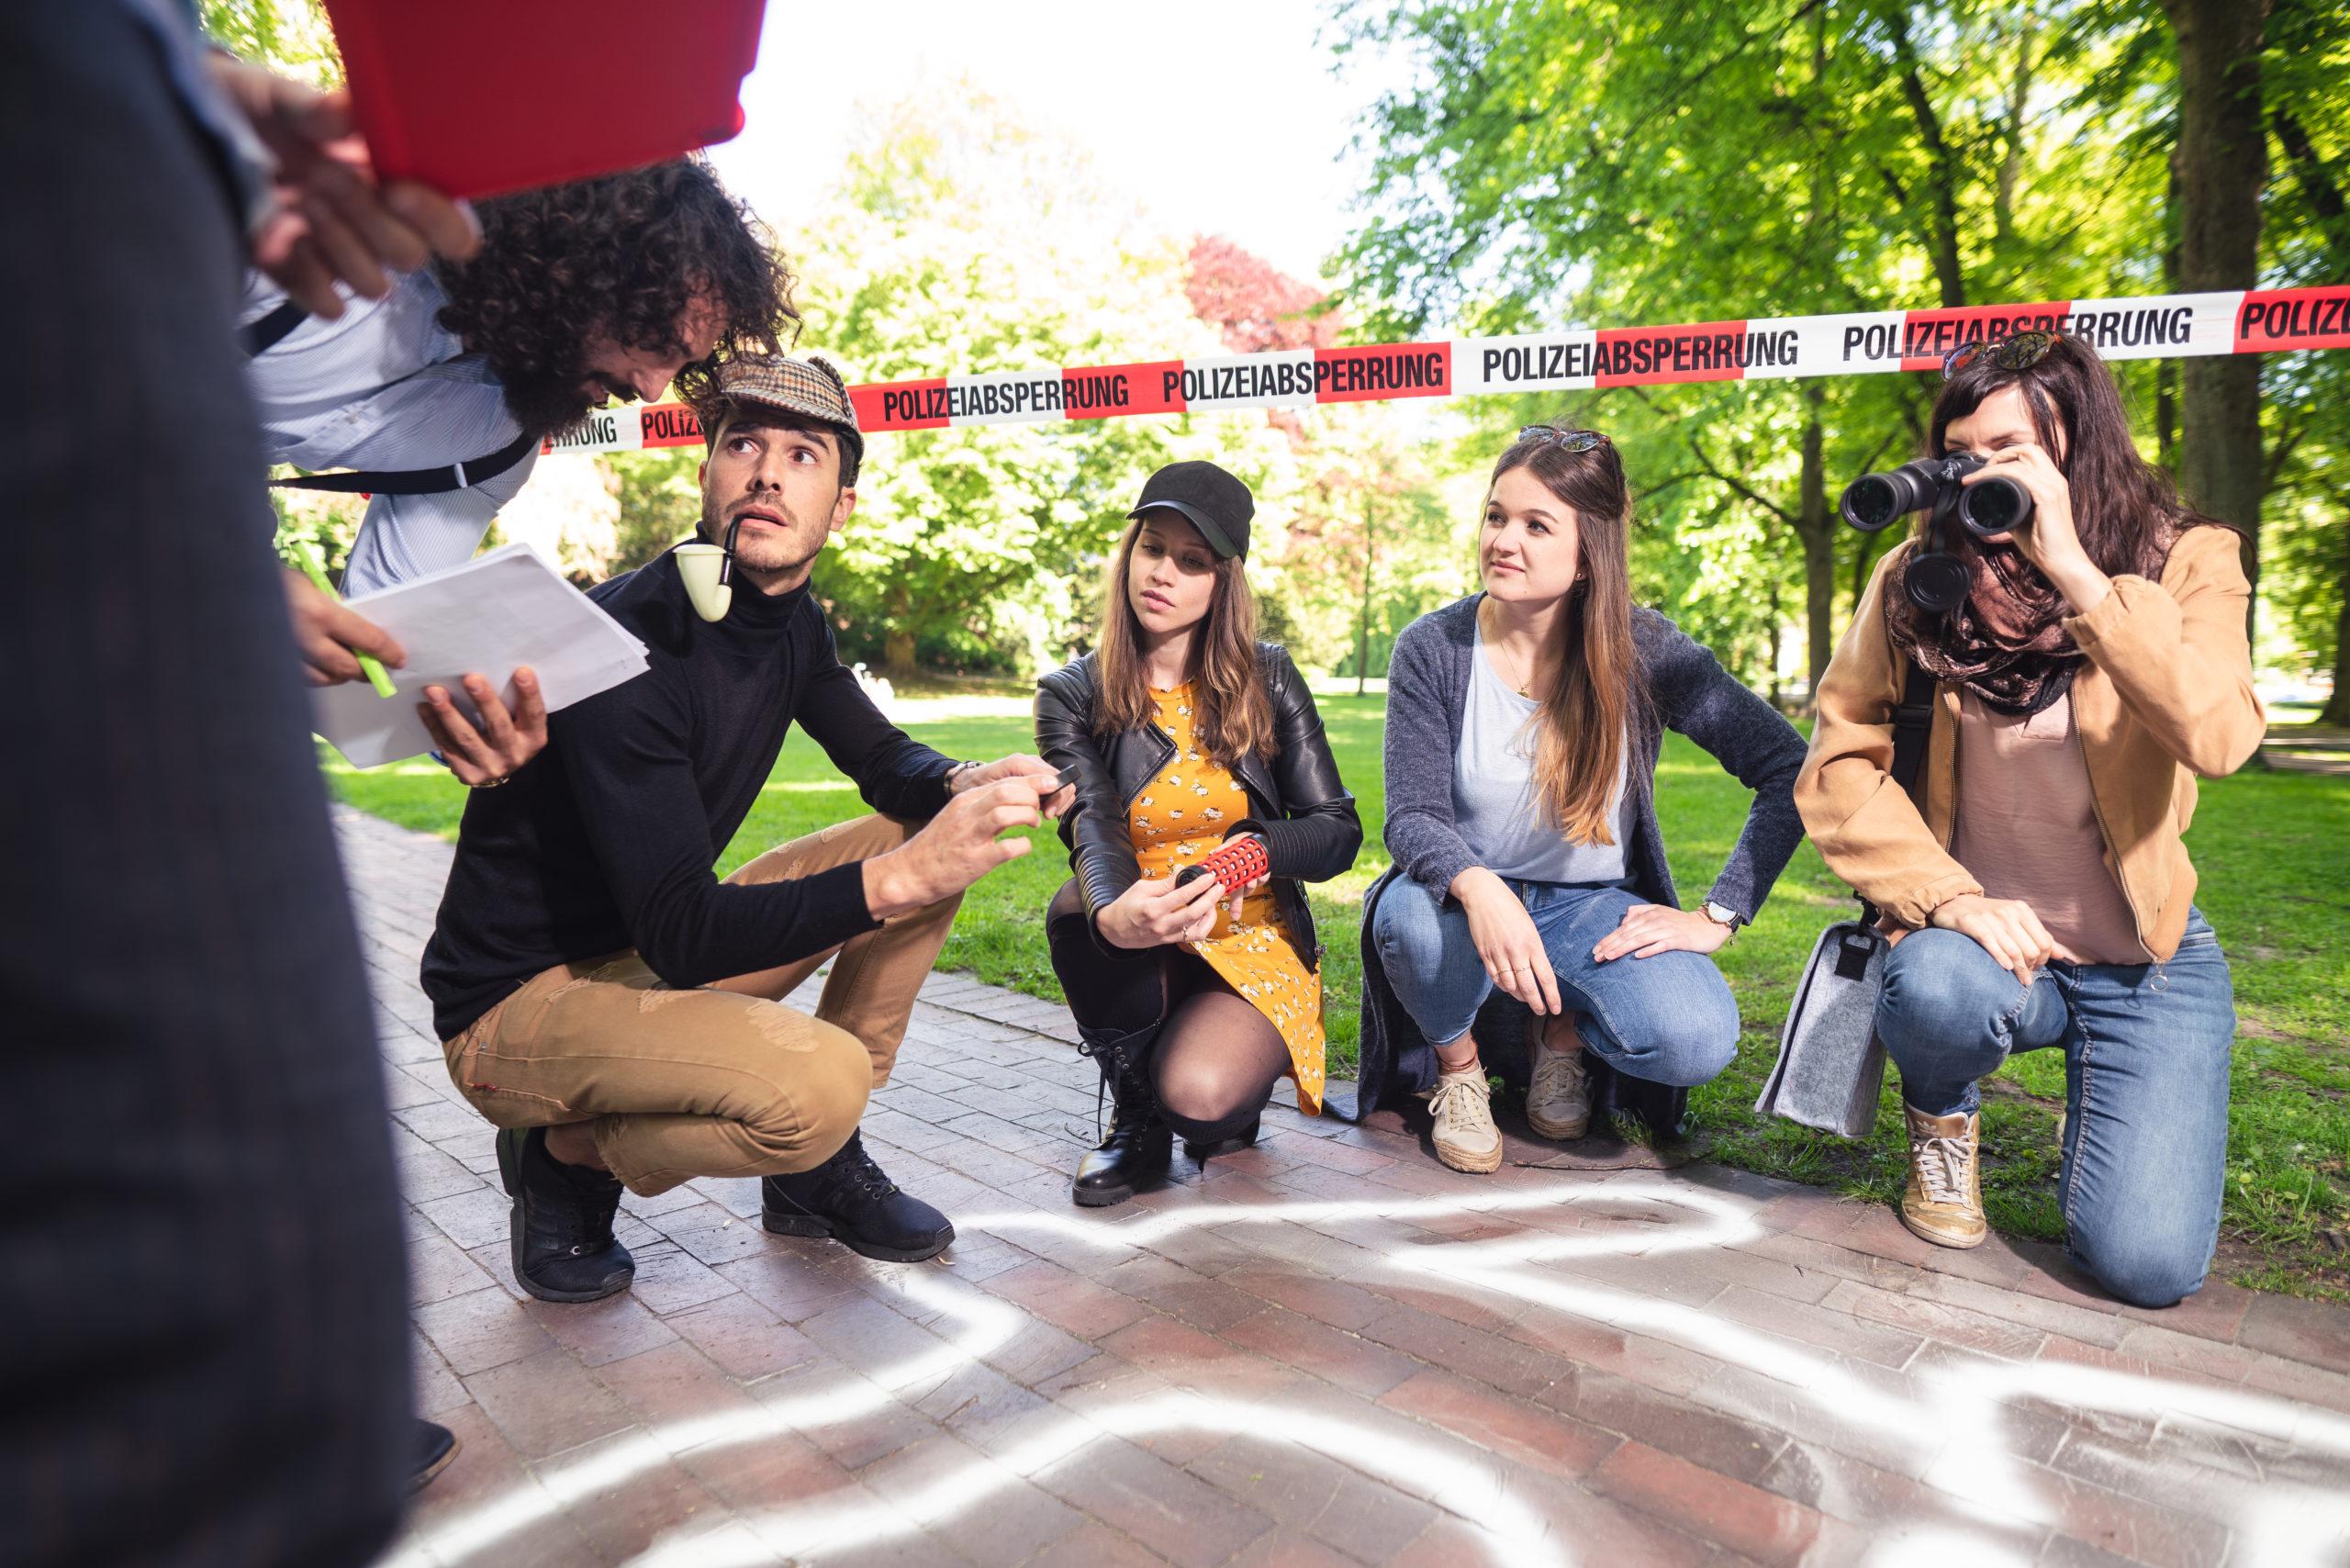 CityGames München Krimi Tour: Detektiv auf Spurensuche